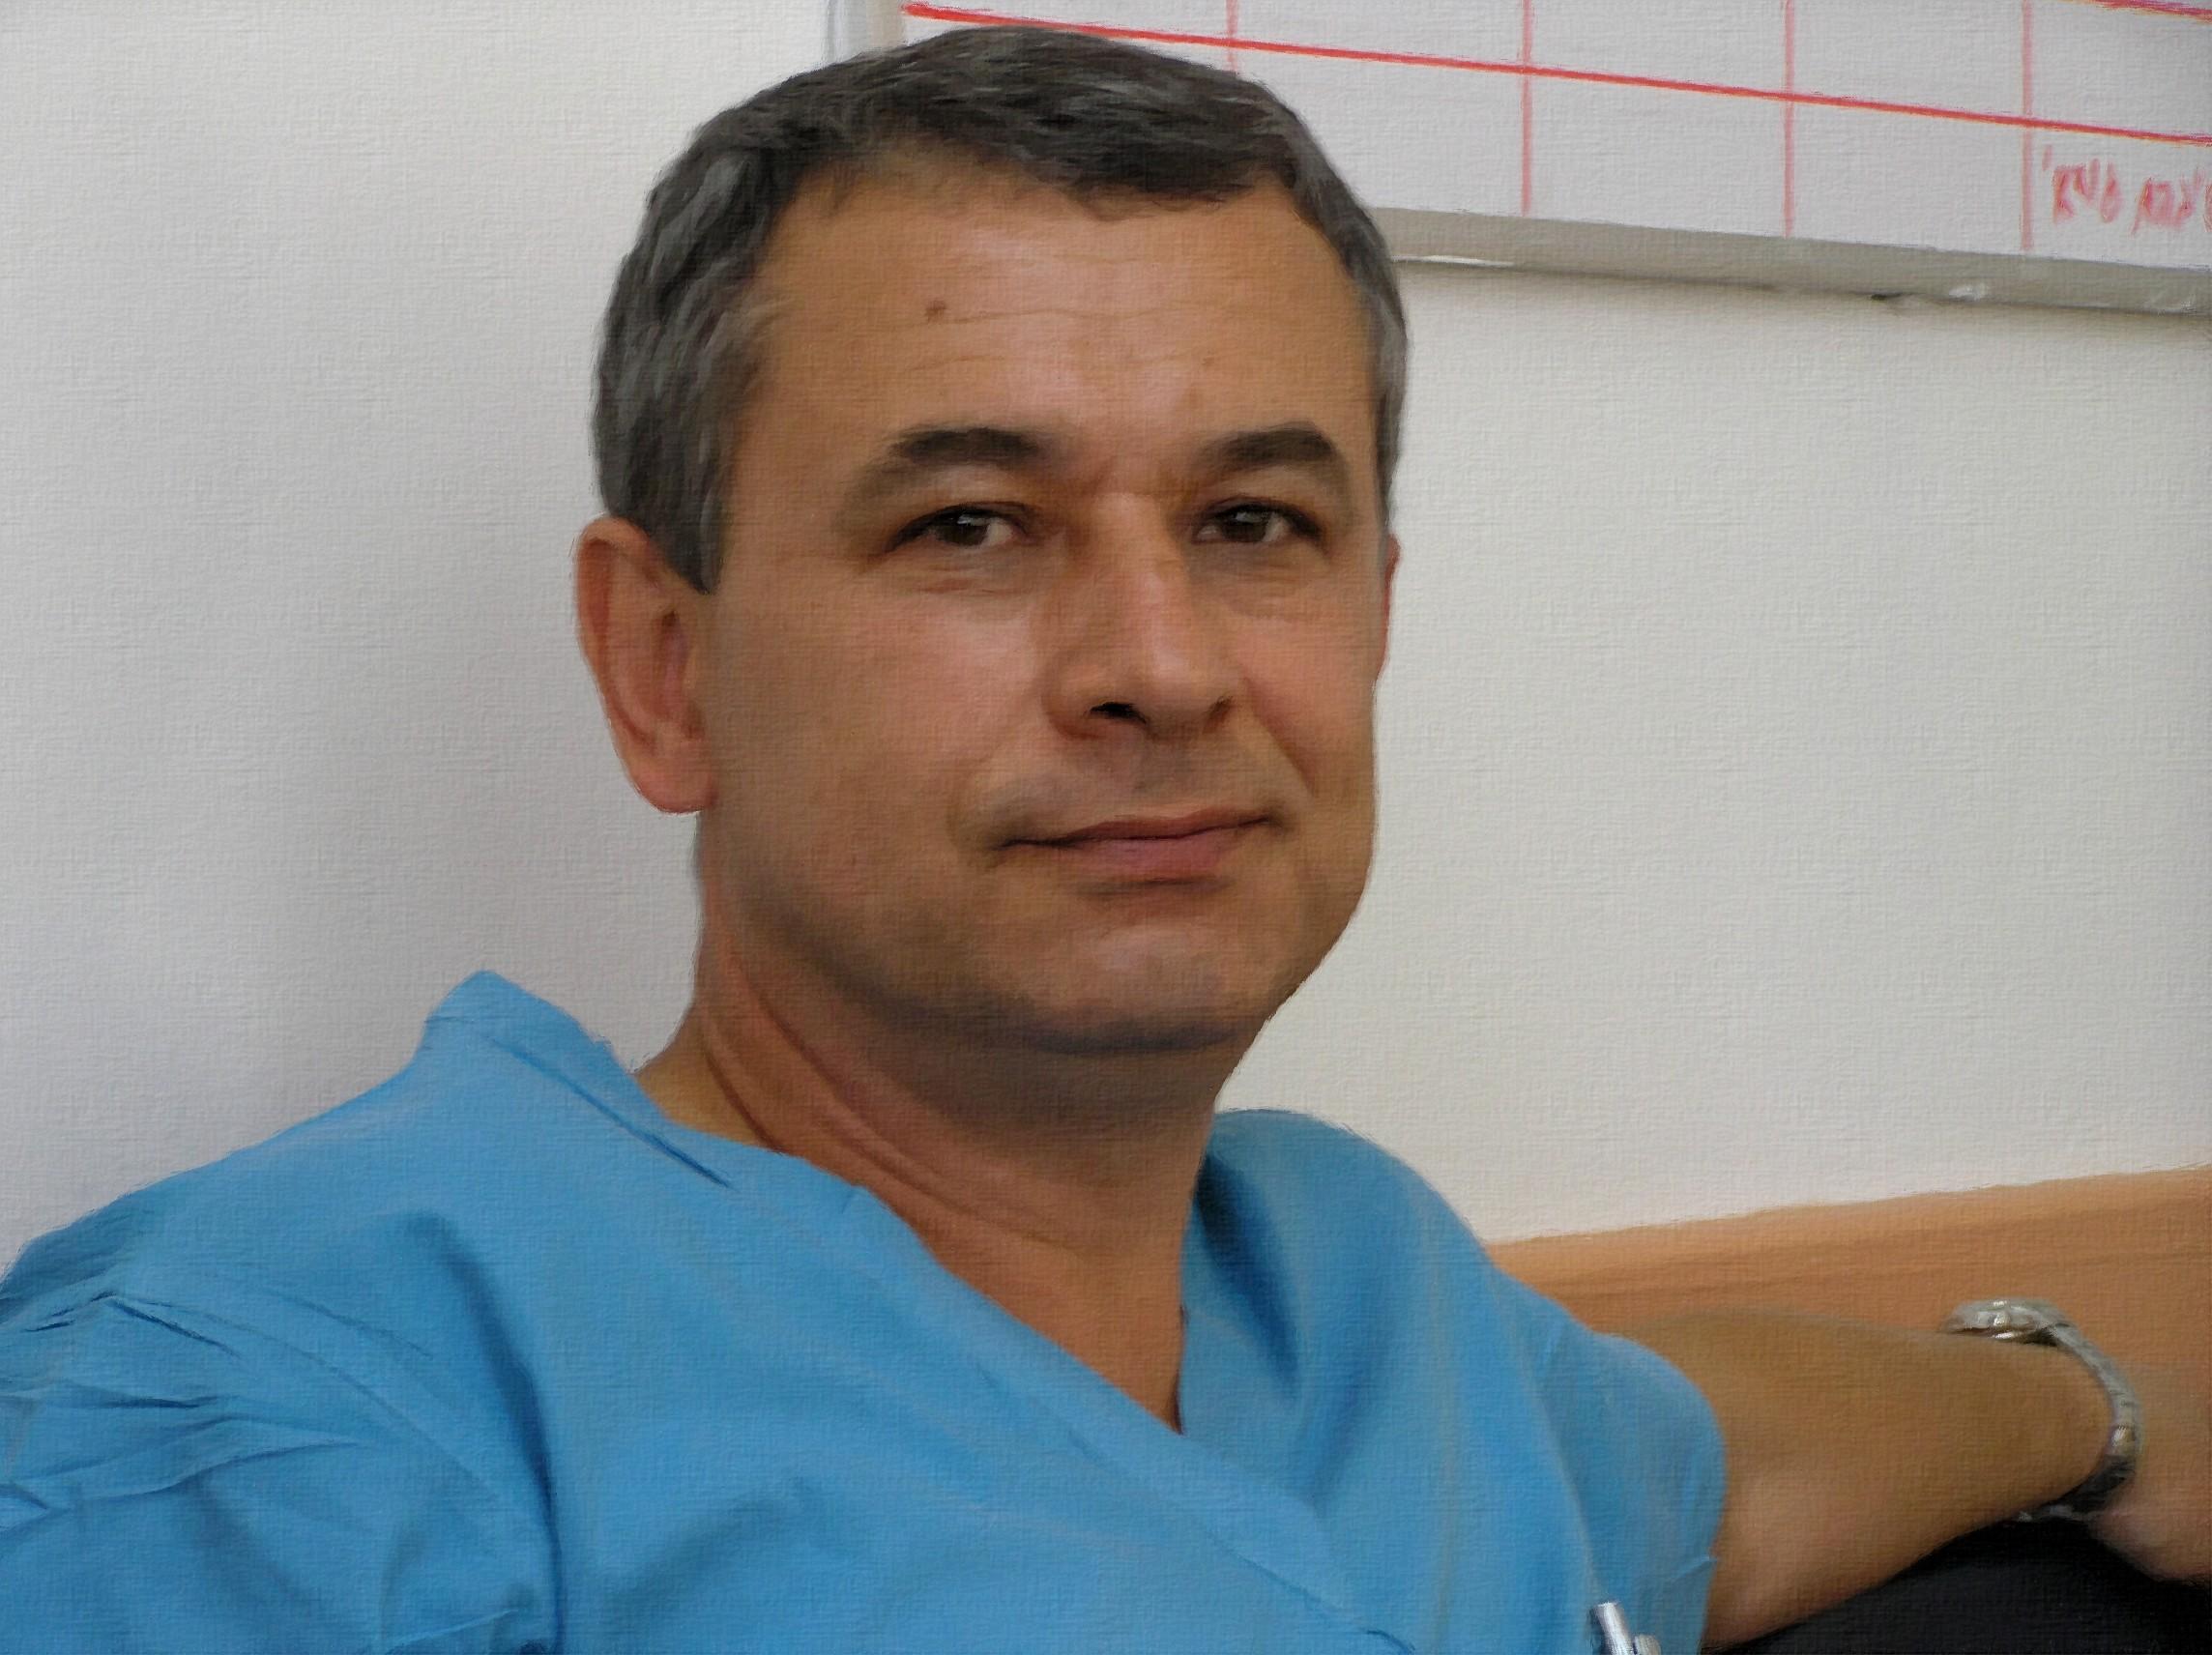 דוקטור מיכאל שלמן - תמונת פרופיל